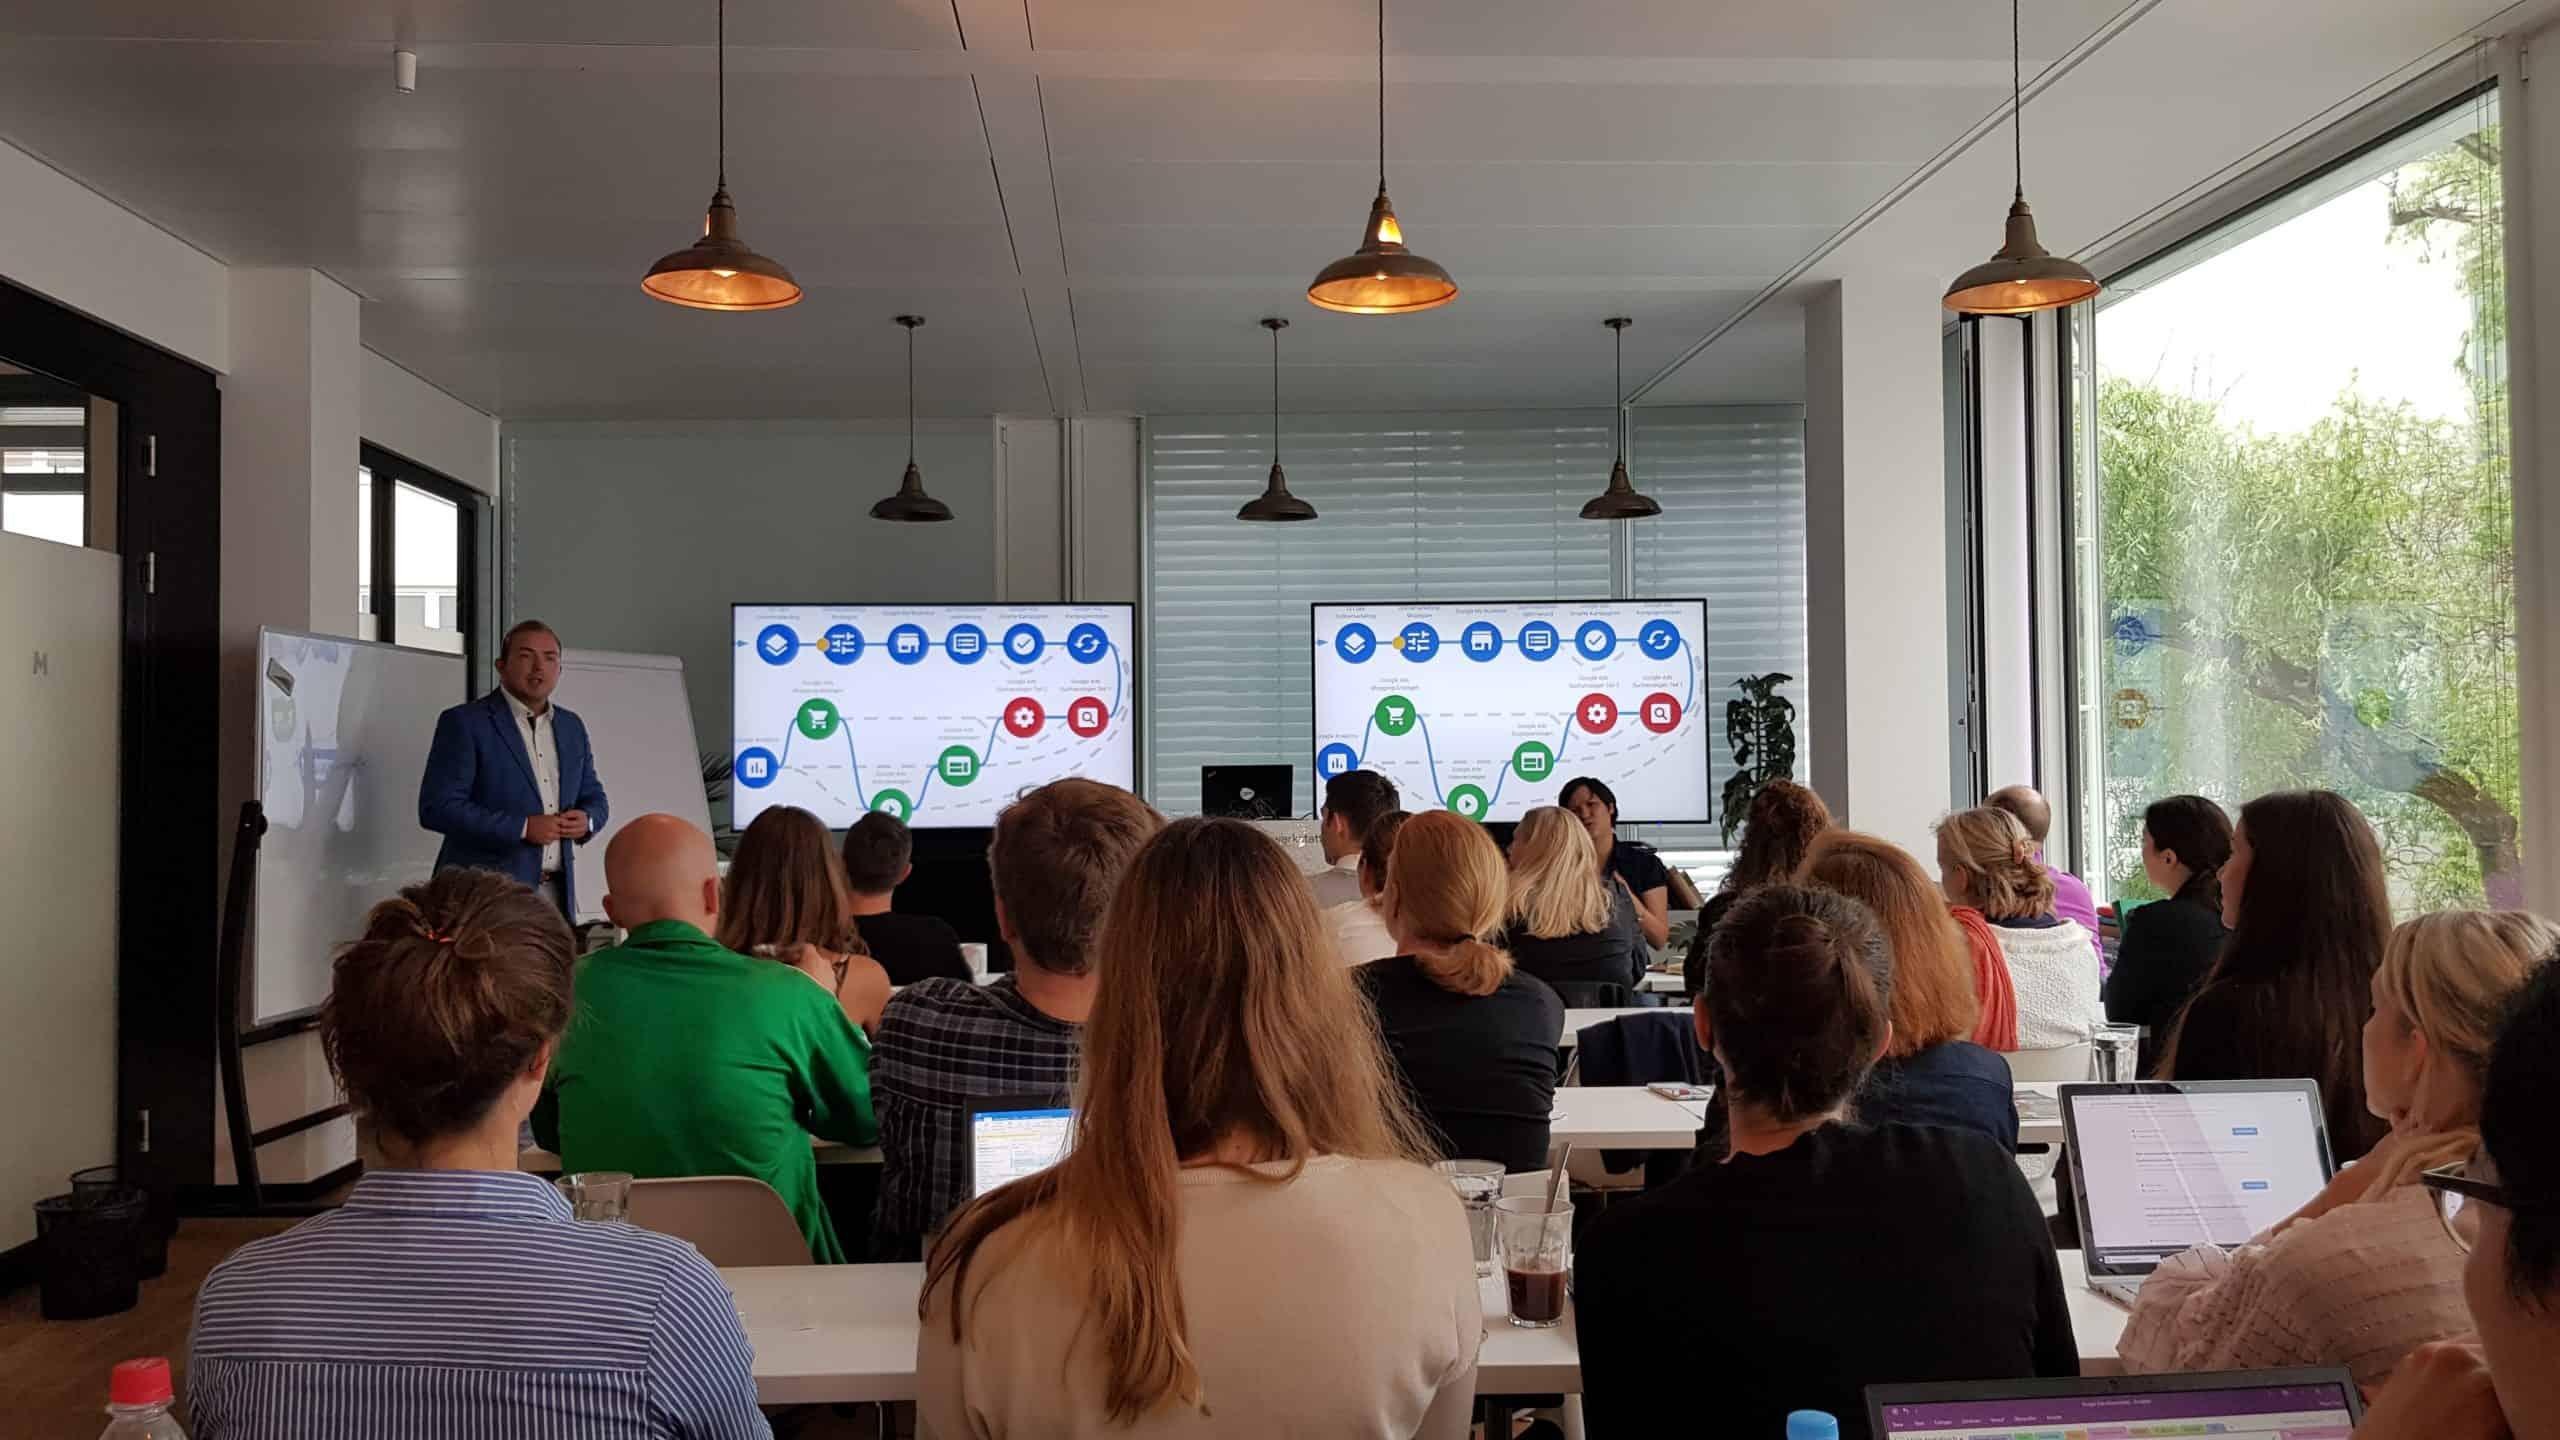 Vortrag Google Zukunftswerkstatt München